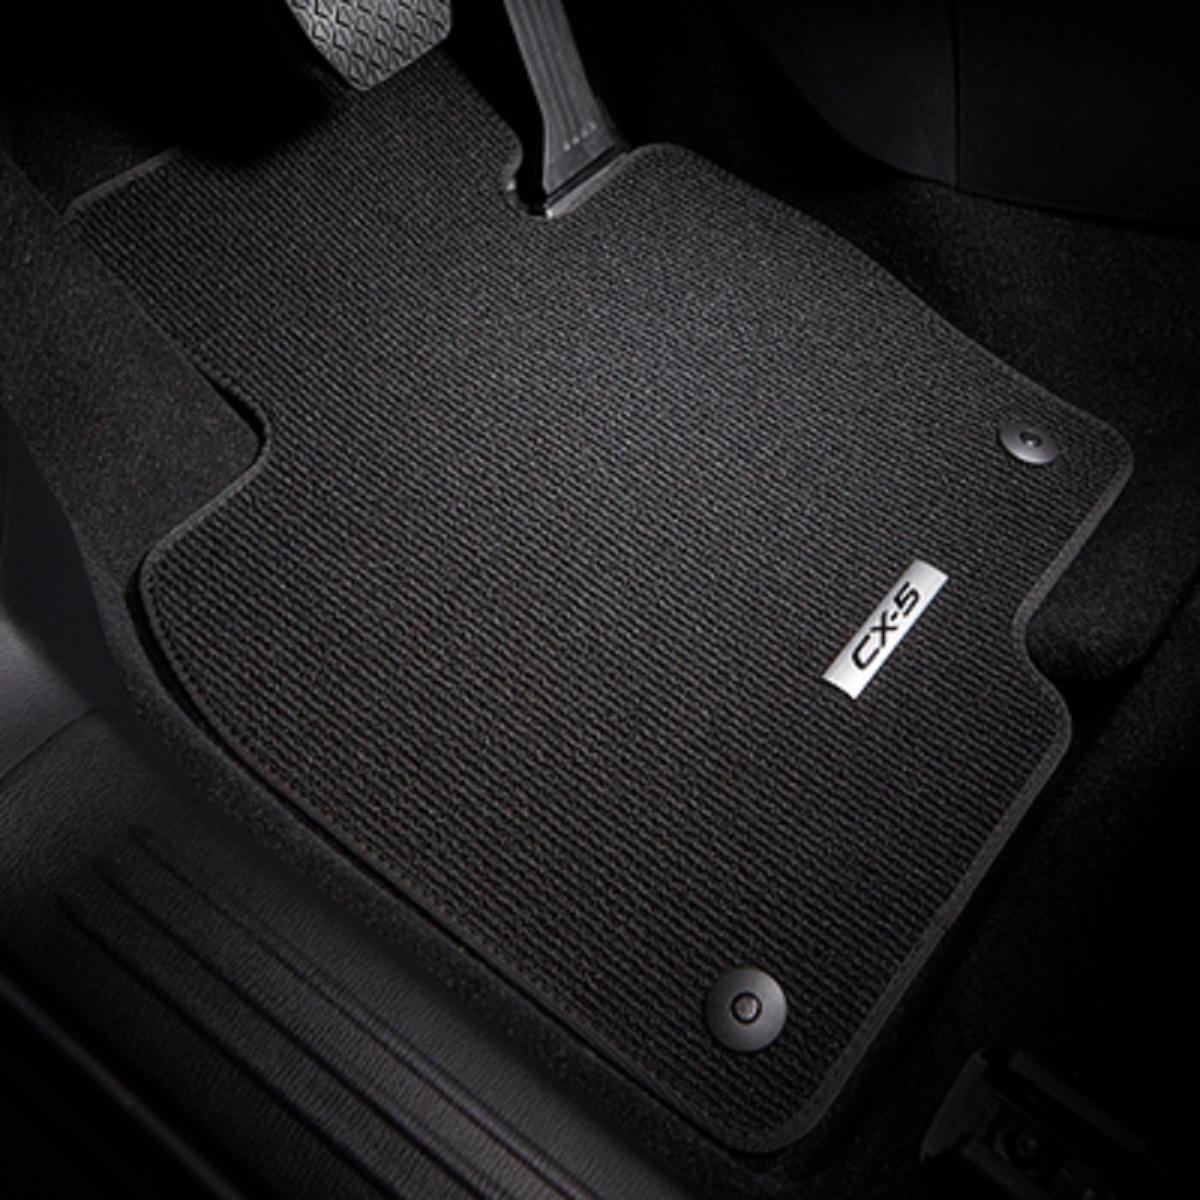 Original Fußmatten Mazda CX-3 4 teilig DD2F-V0-320